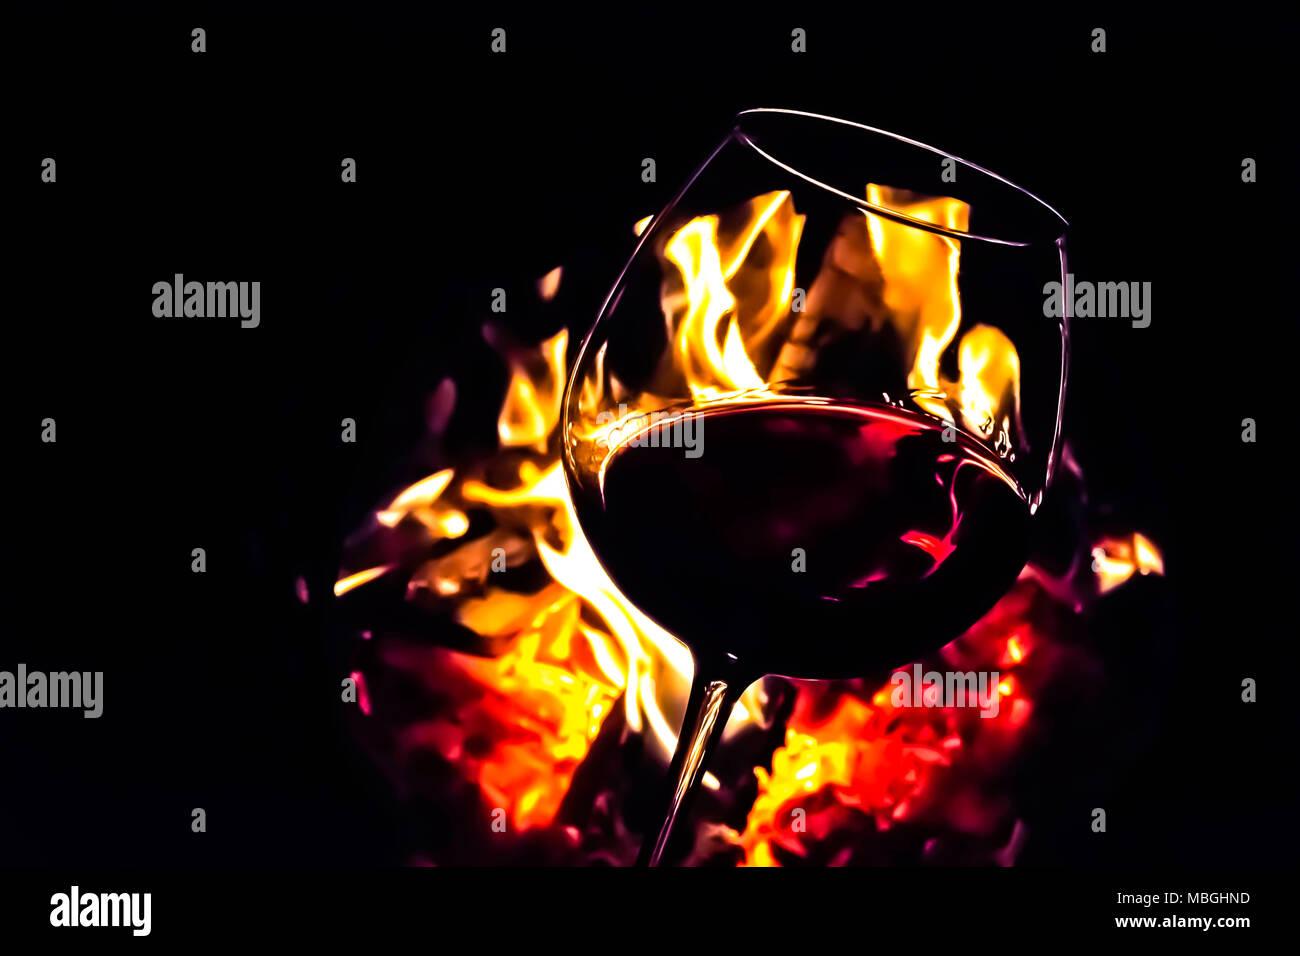 Glas Rotwein beleuchtet durch Lagerfeuer Flammen. Moody dunkle ...